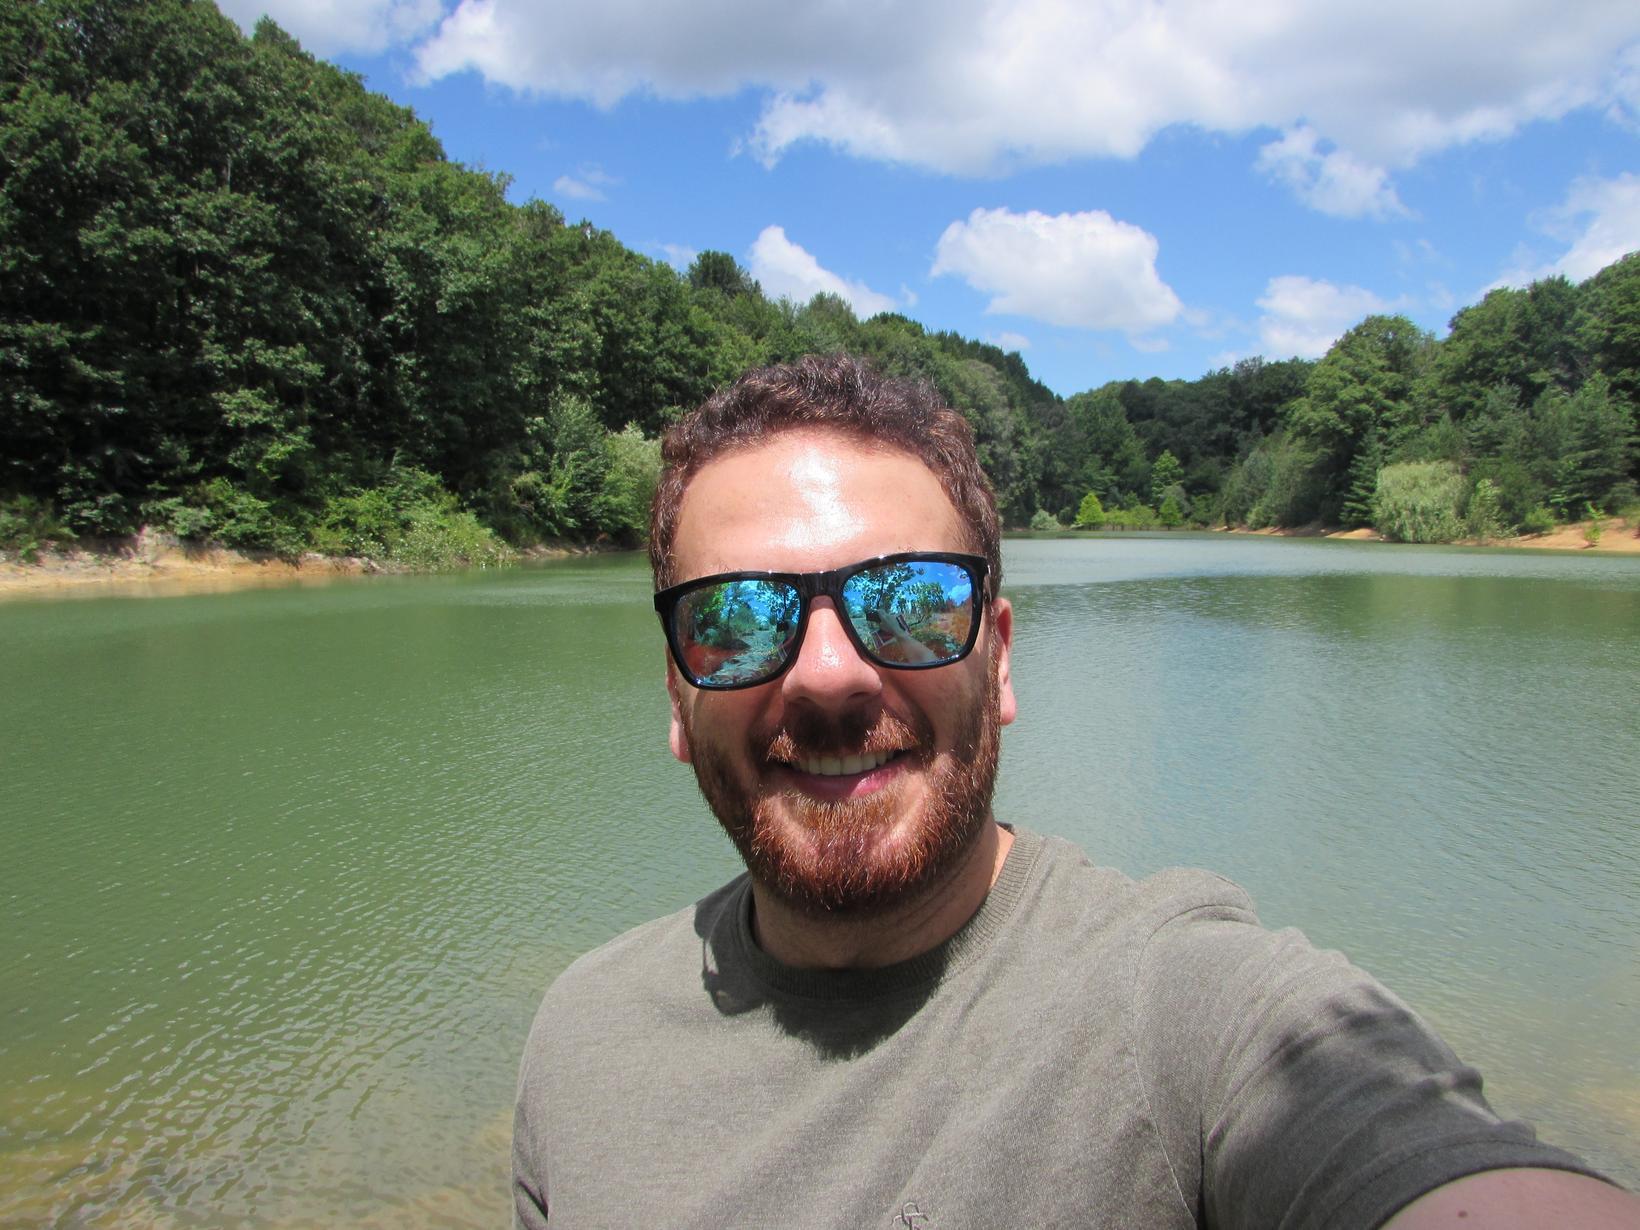 Khodr from Beirut, Lebanon